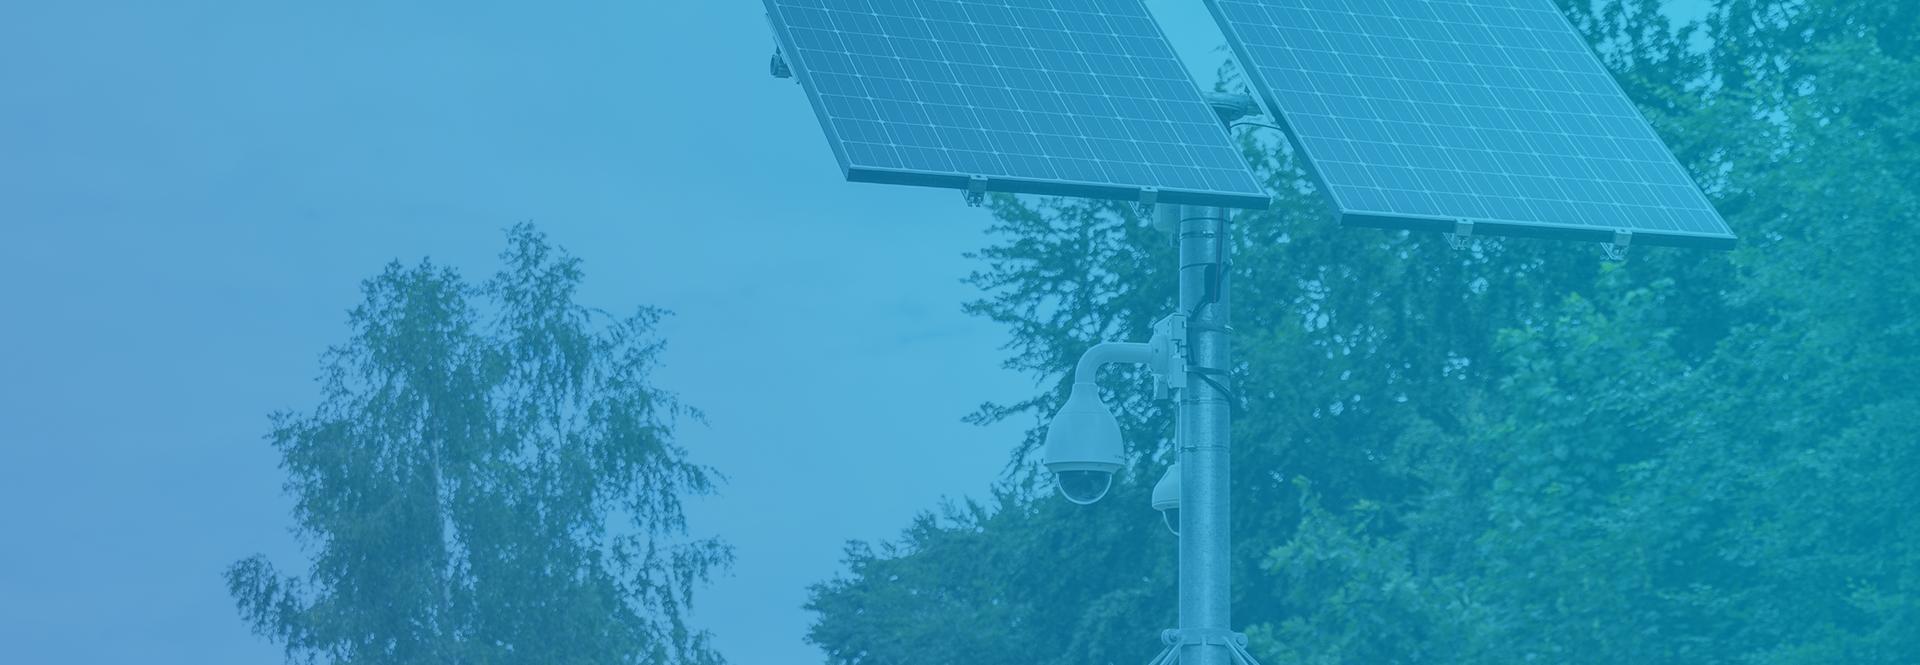 Sfeerbeeld van een mobiele cameramast die boven de camera twee zonnepanelen heeft waardoor hij zijn eigen energie kan opwekken.